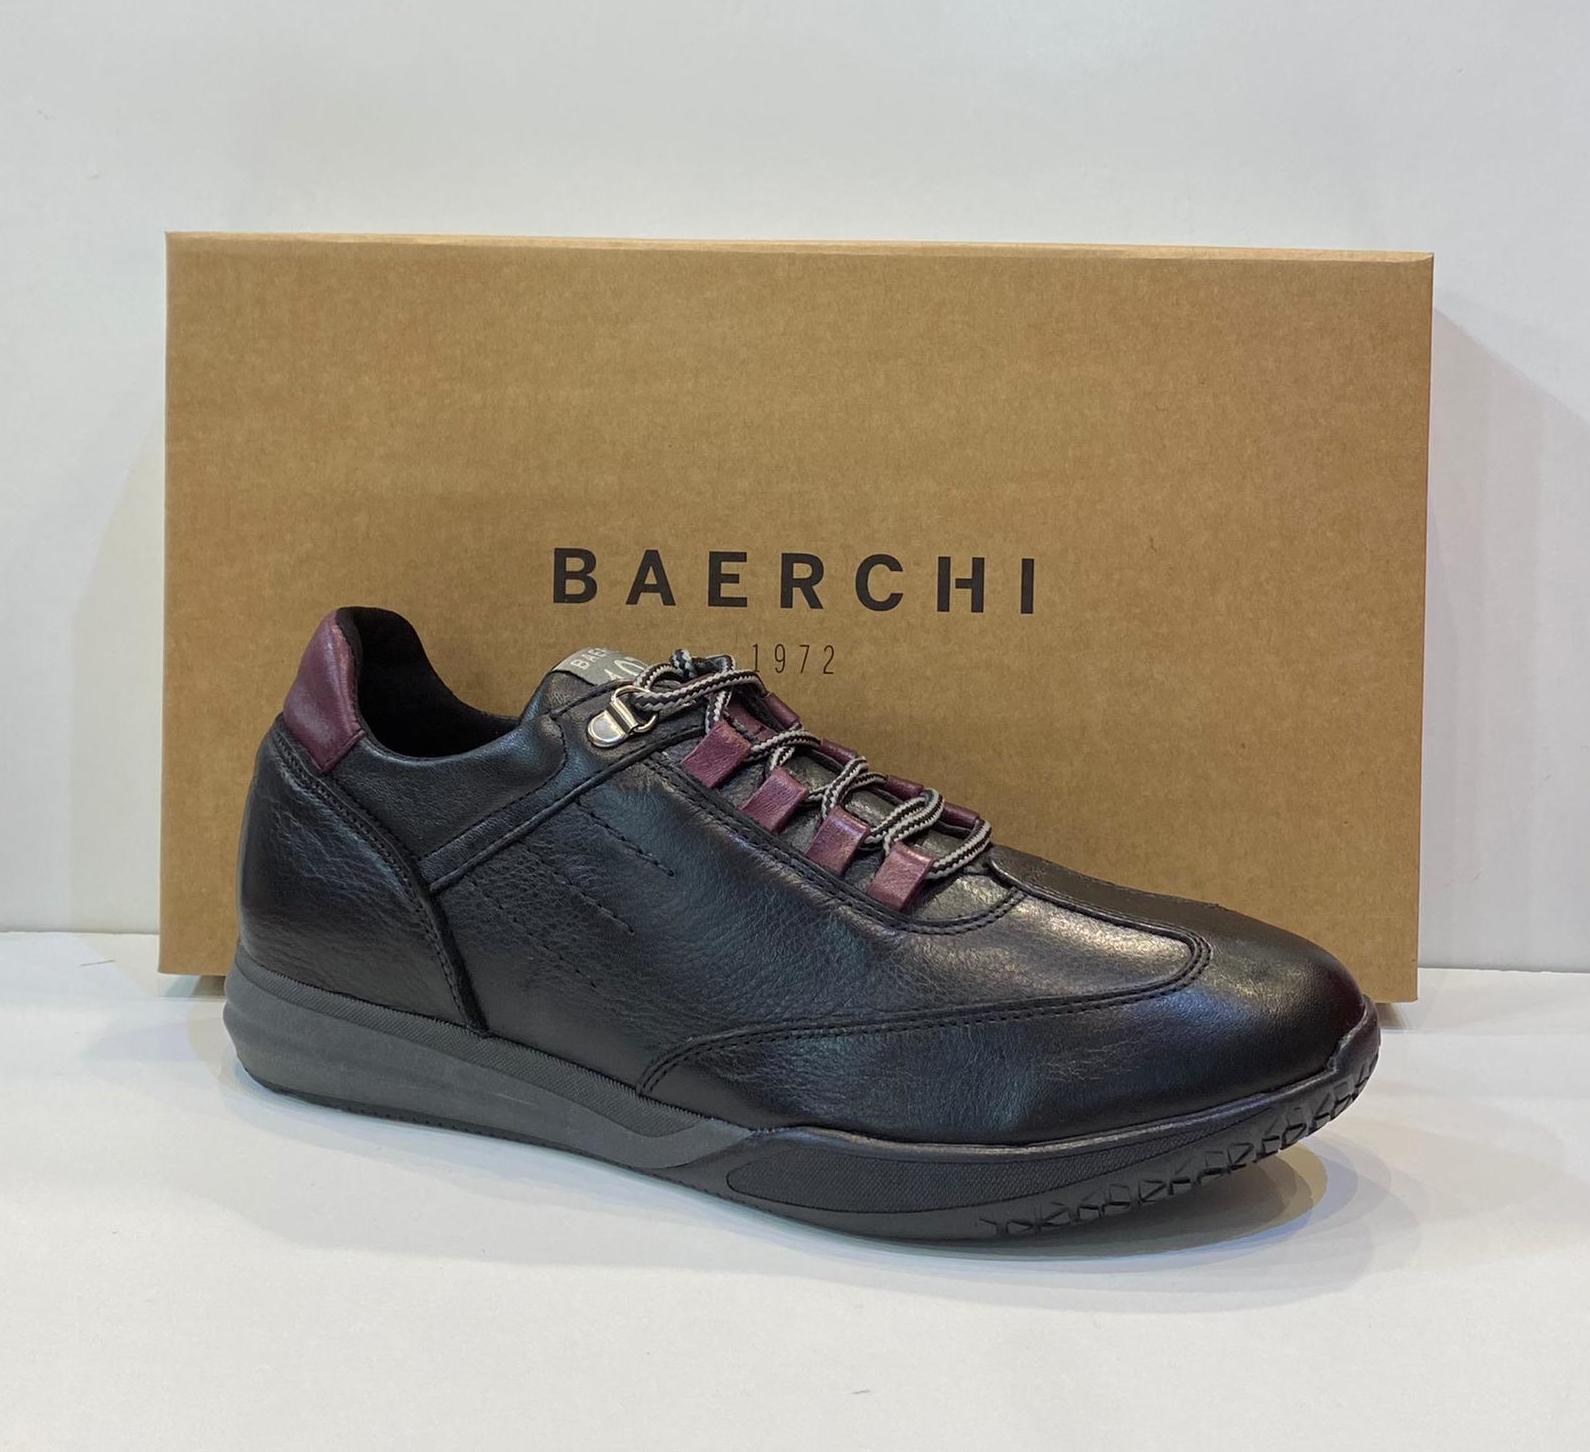 Blucher d'home, de la marca Baerchi, ample especial, plantilla de làtex extraible i adaptable a plantilles ortopèdiques, sola de goma antilliscant 66.50€